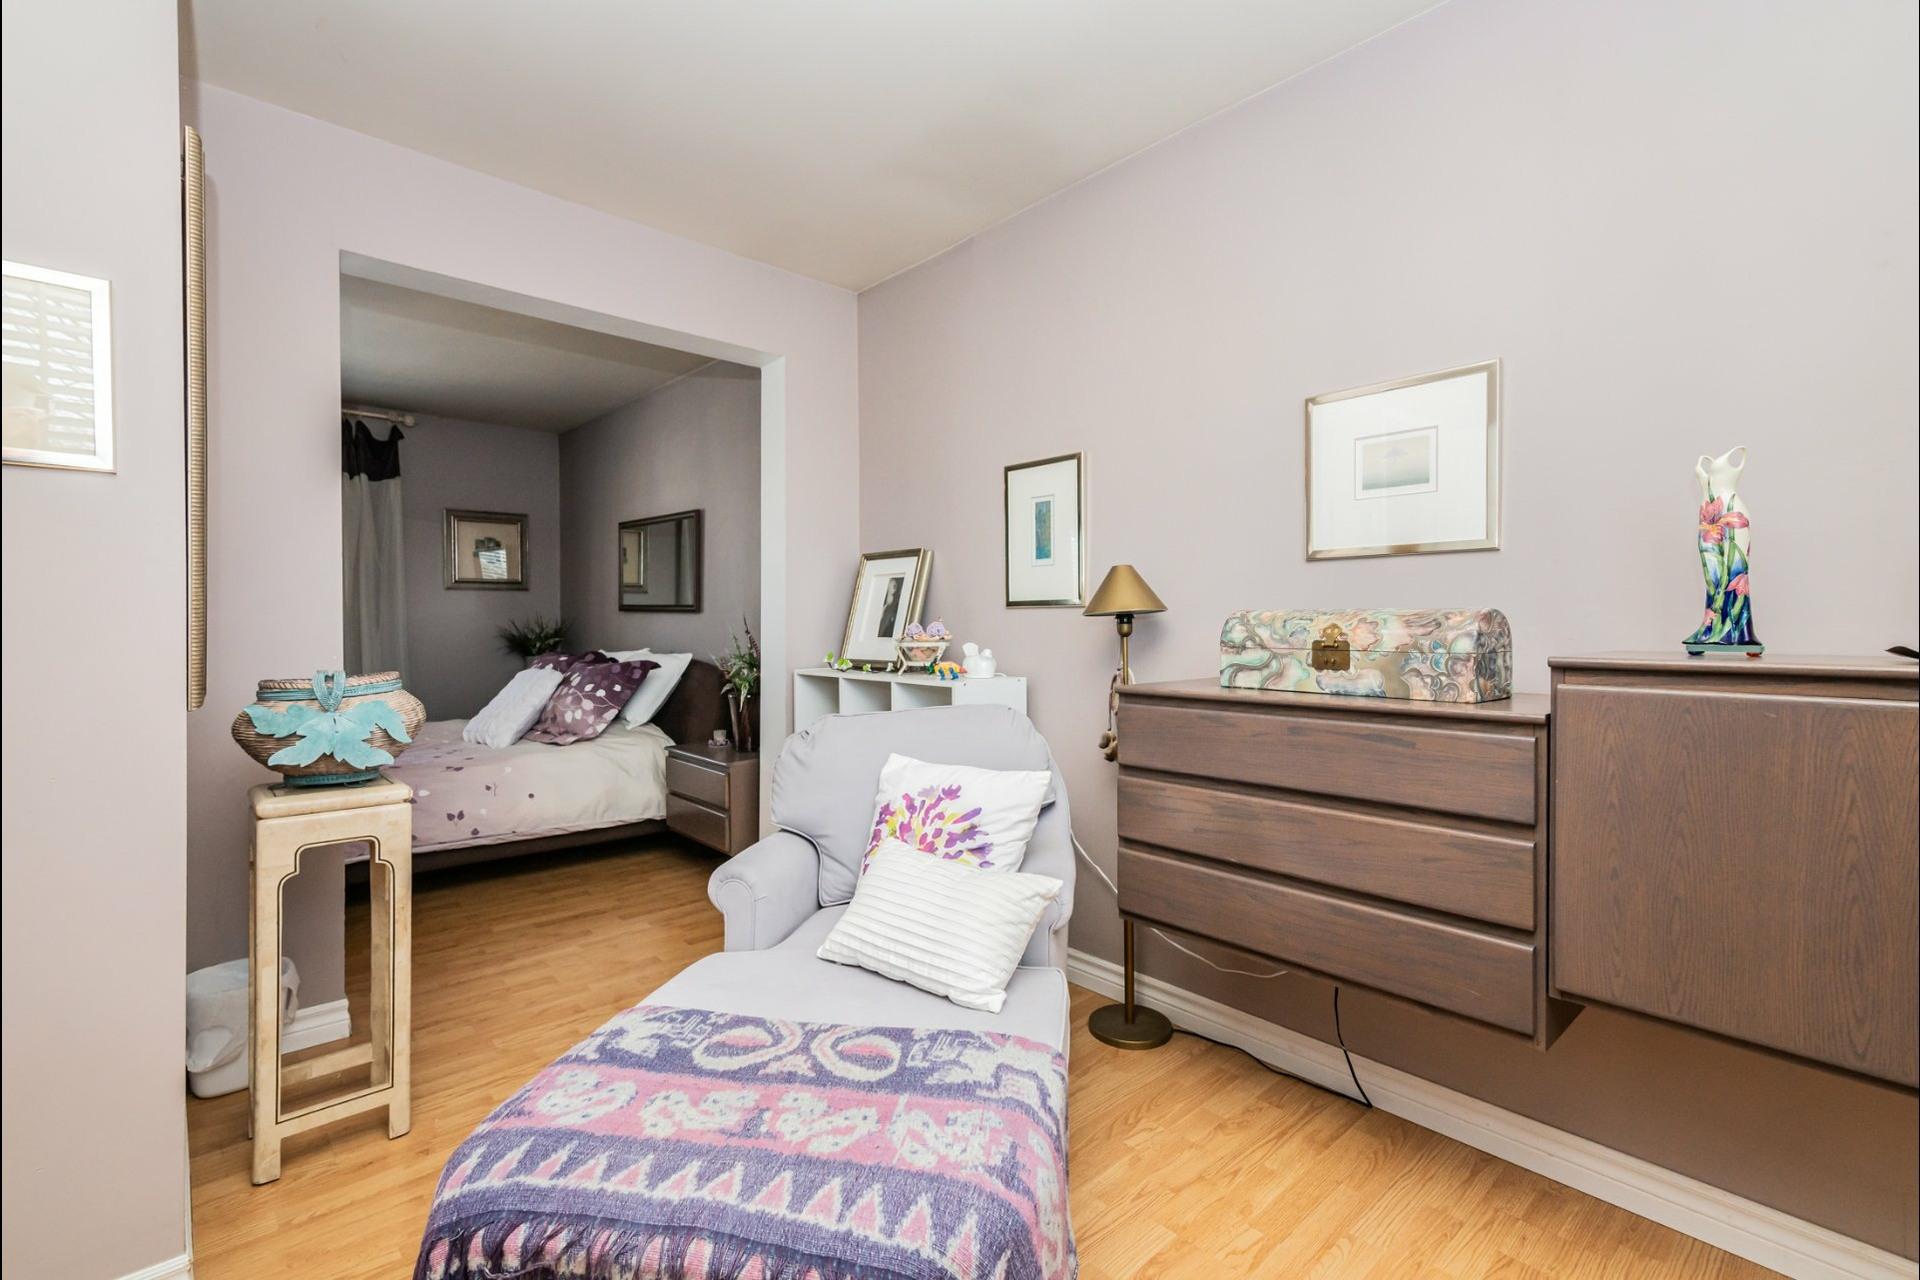 image 24 - House For sale L'Île-Bizard/Sainte-Geneviève Montréal  - 12 rooms